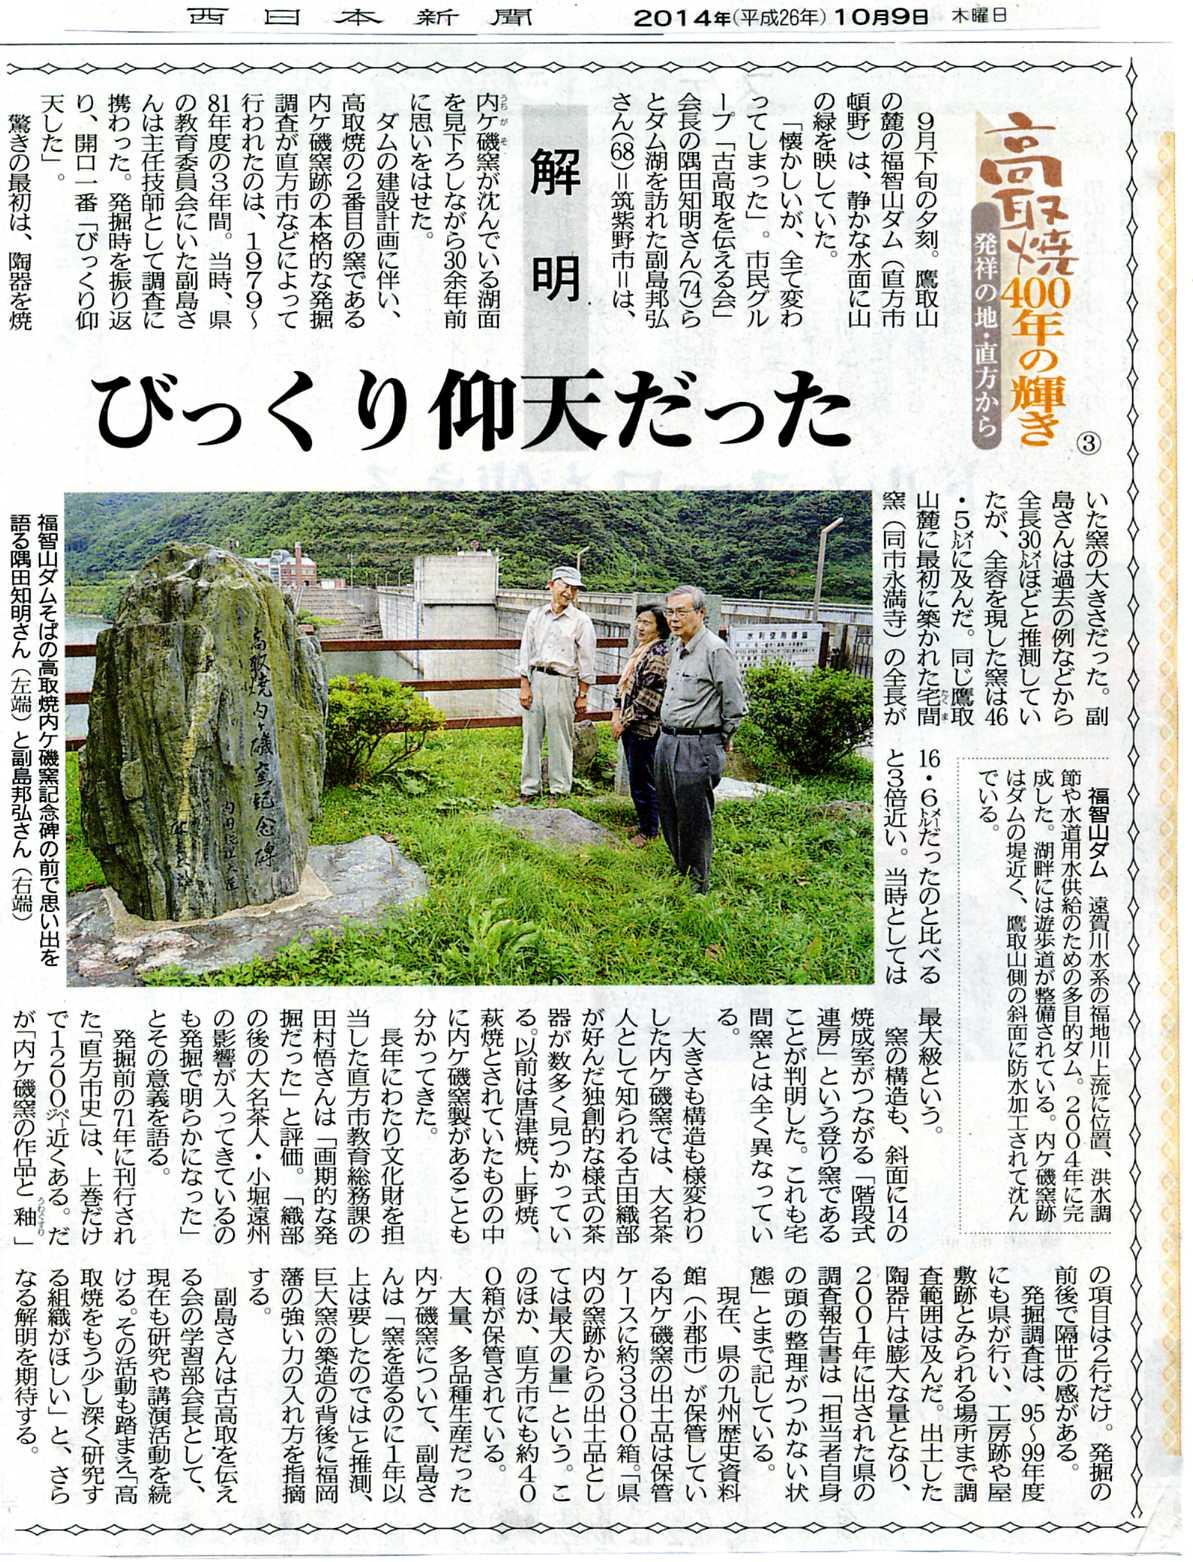 03-nishinippon-takatori2014.10.09